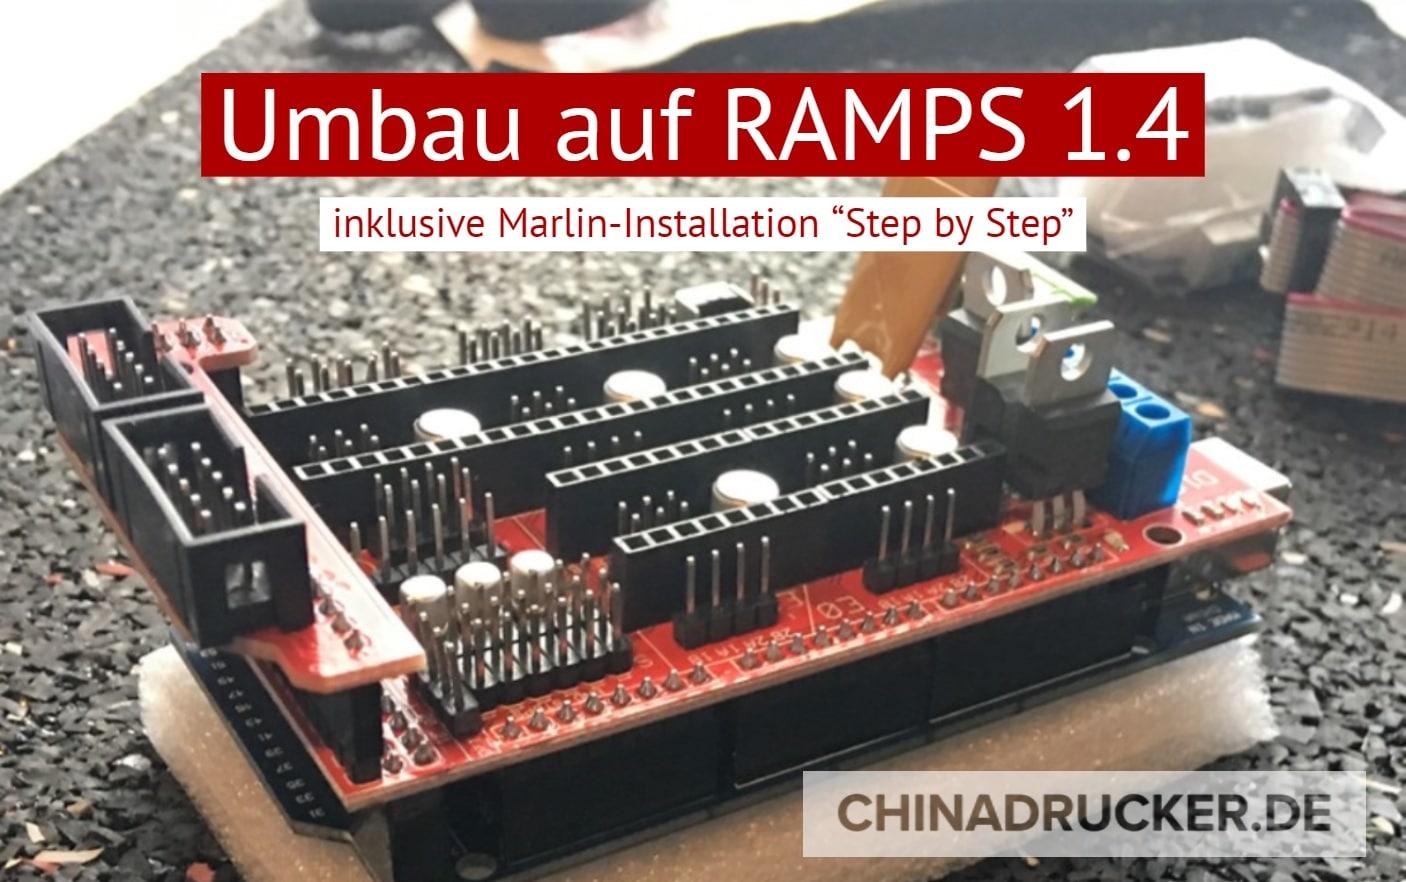 Turorial - 3D-Drucker auf RAMPS 1.4 umbauen oder neu aufbauen on